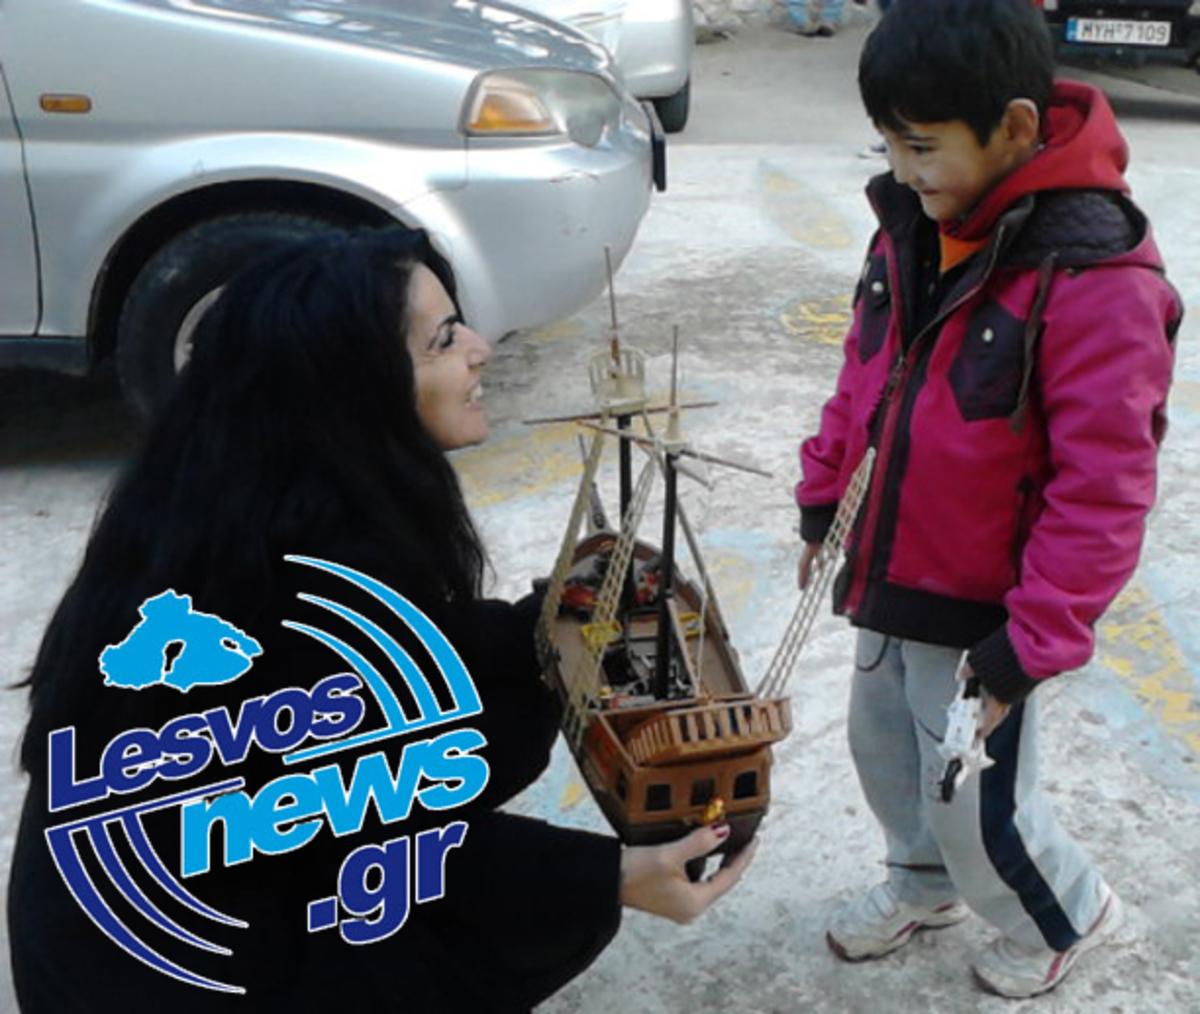 Λέσβος: «Τσουνάμι» αγάπης για τους μετανάστες (φωτό και video) | Newsit.gr